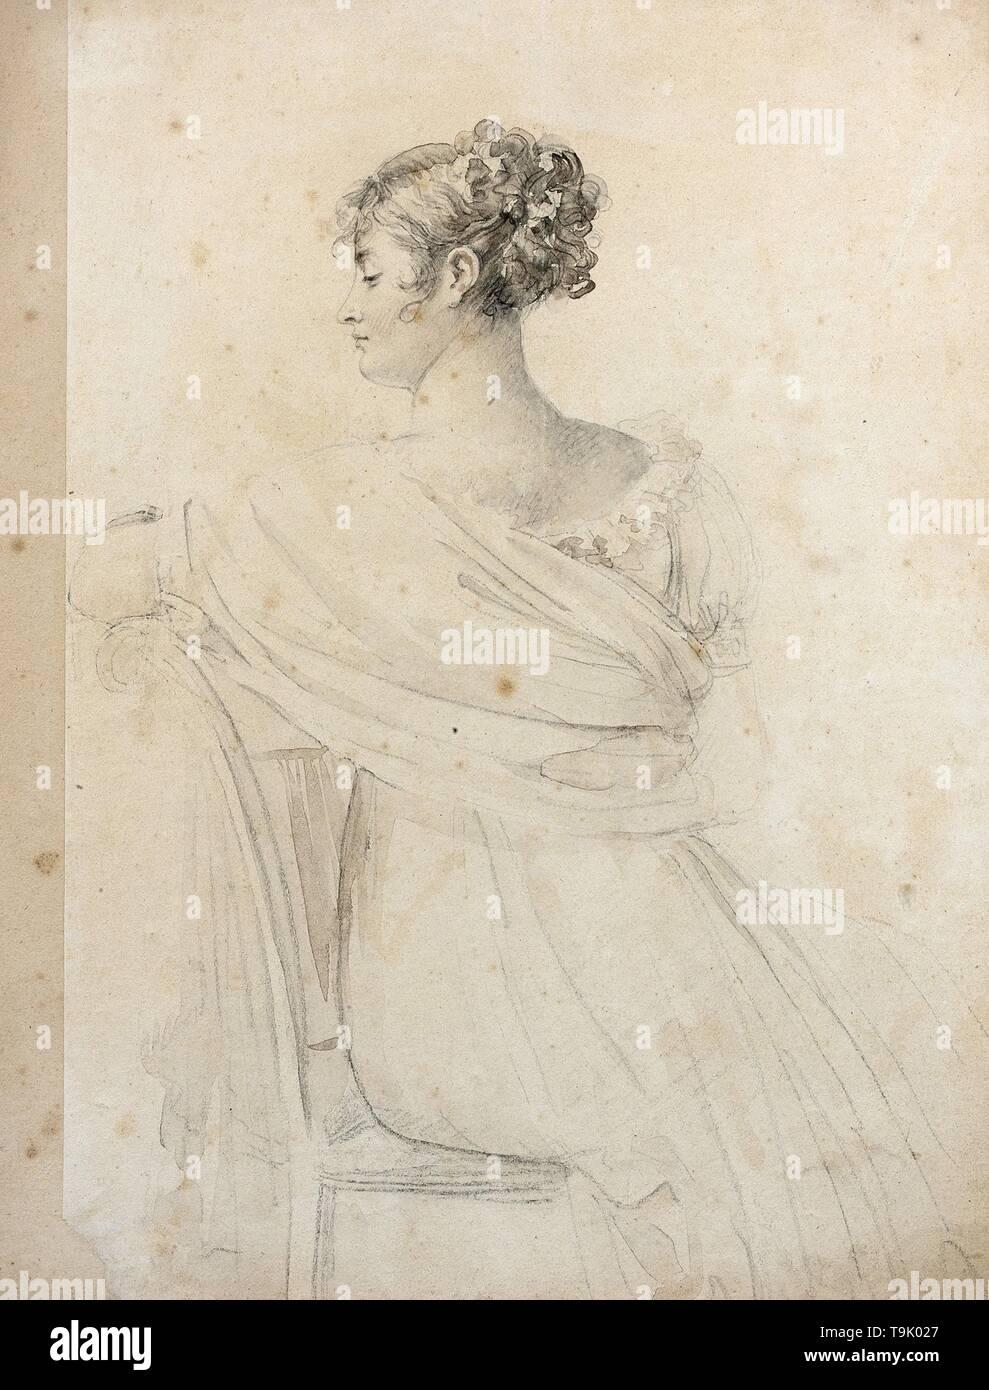 Portrait of Madame Récamier (1777-1849). Museum: PRIVATE COLLECTION. Author: FRANÇOIS GERARD. - Stock Image